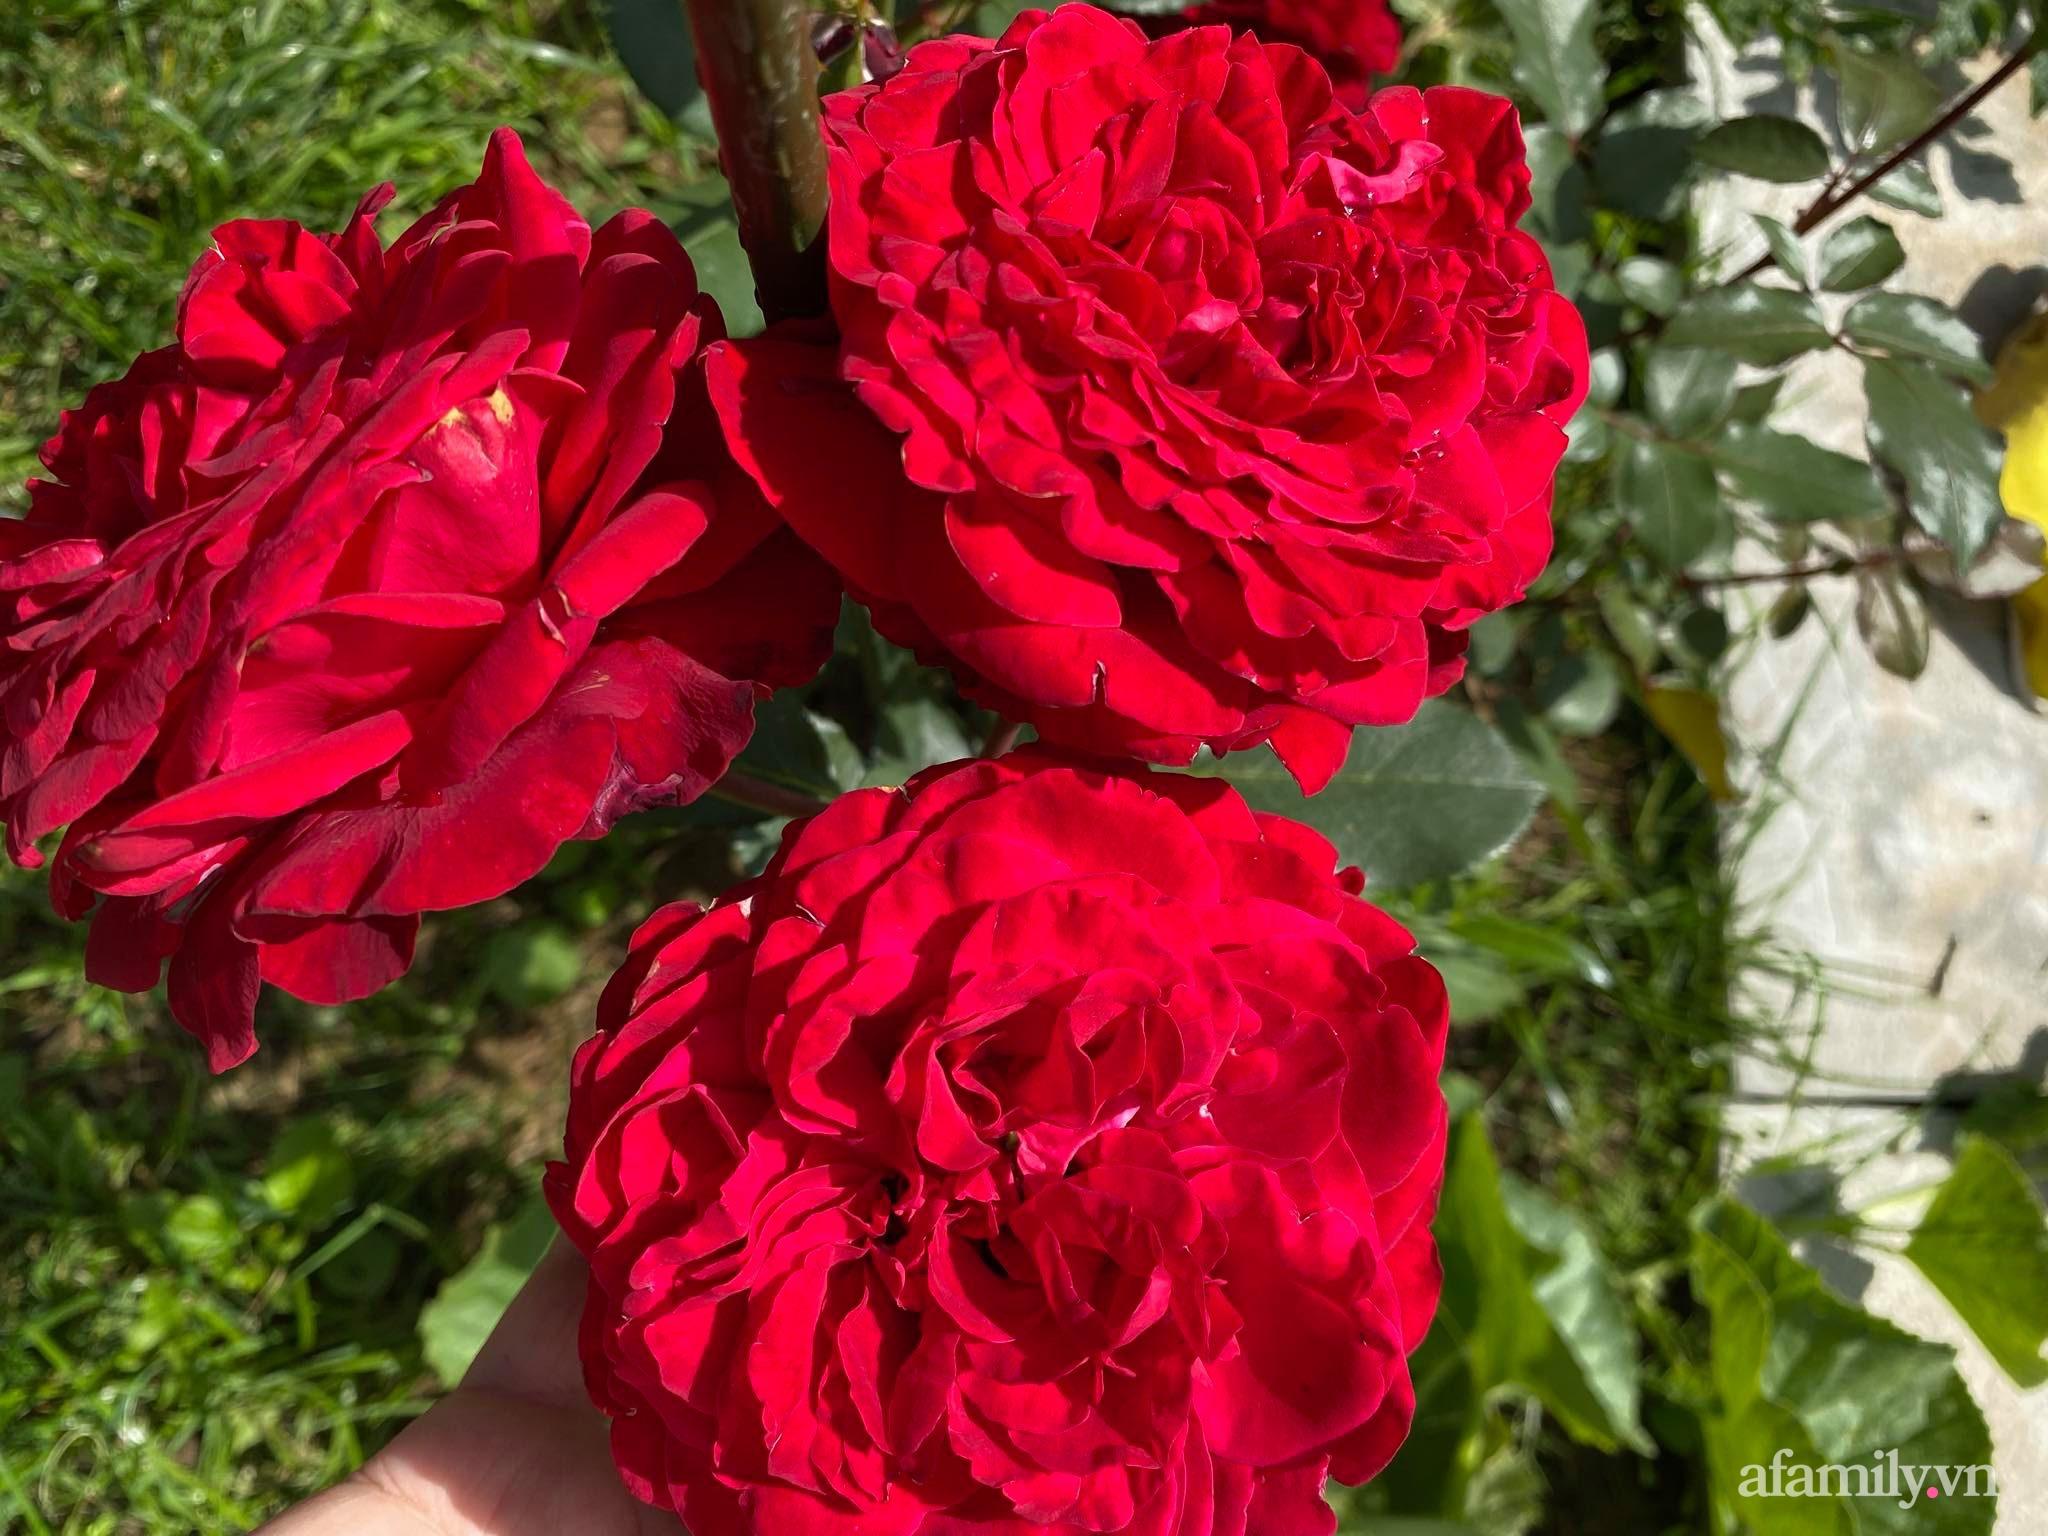 Khu vườn ngát hương hoa, tươi xanh màu rau củ của nữ giám đốc Việt ở Nga - Ảnh 3.